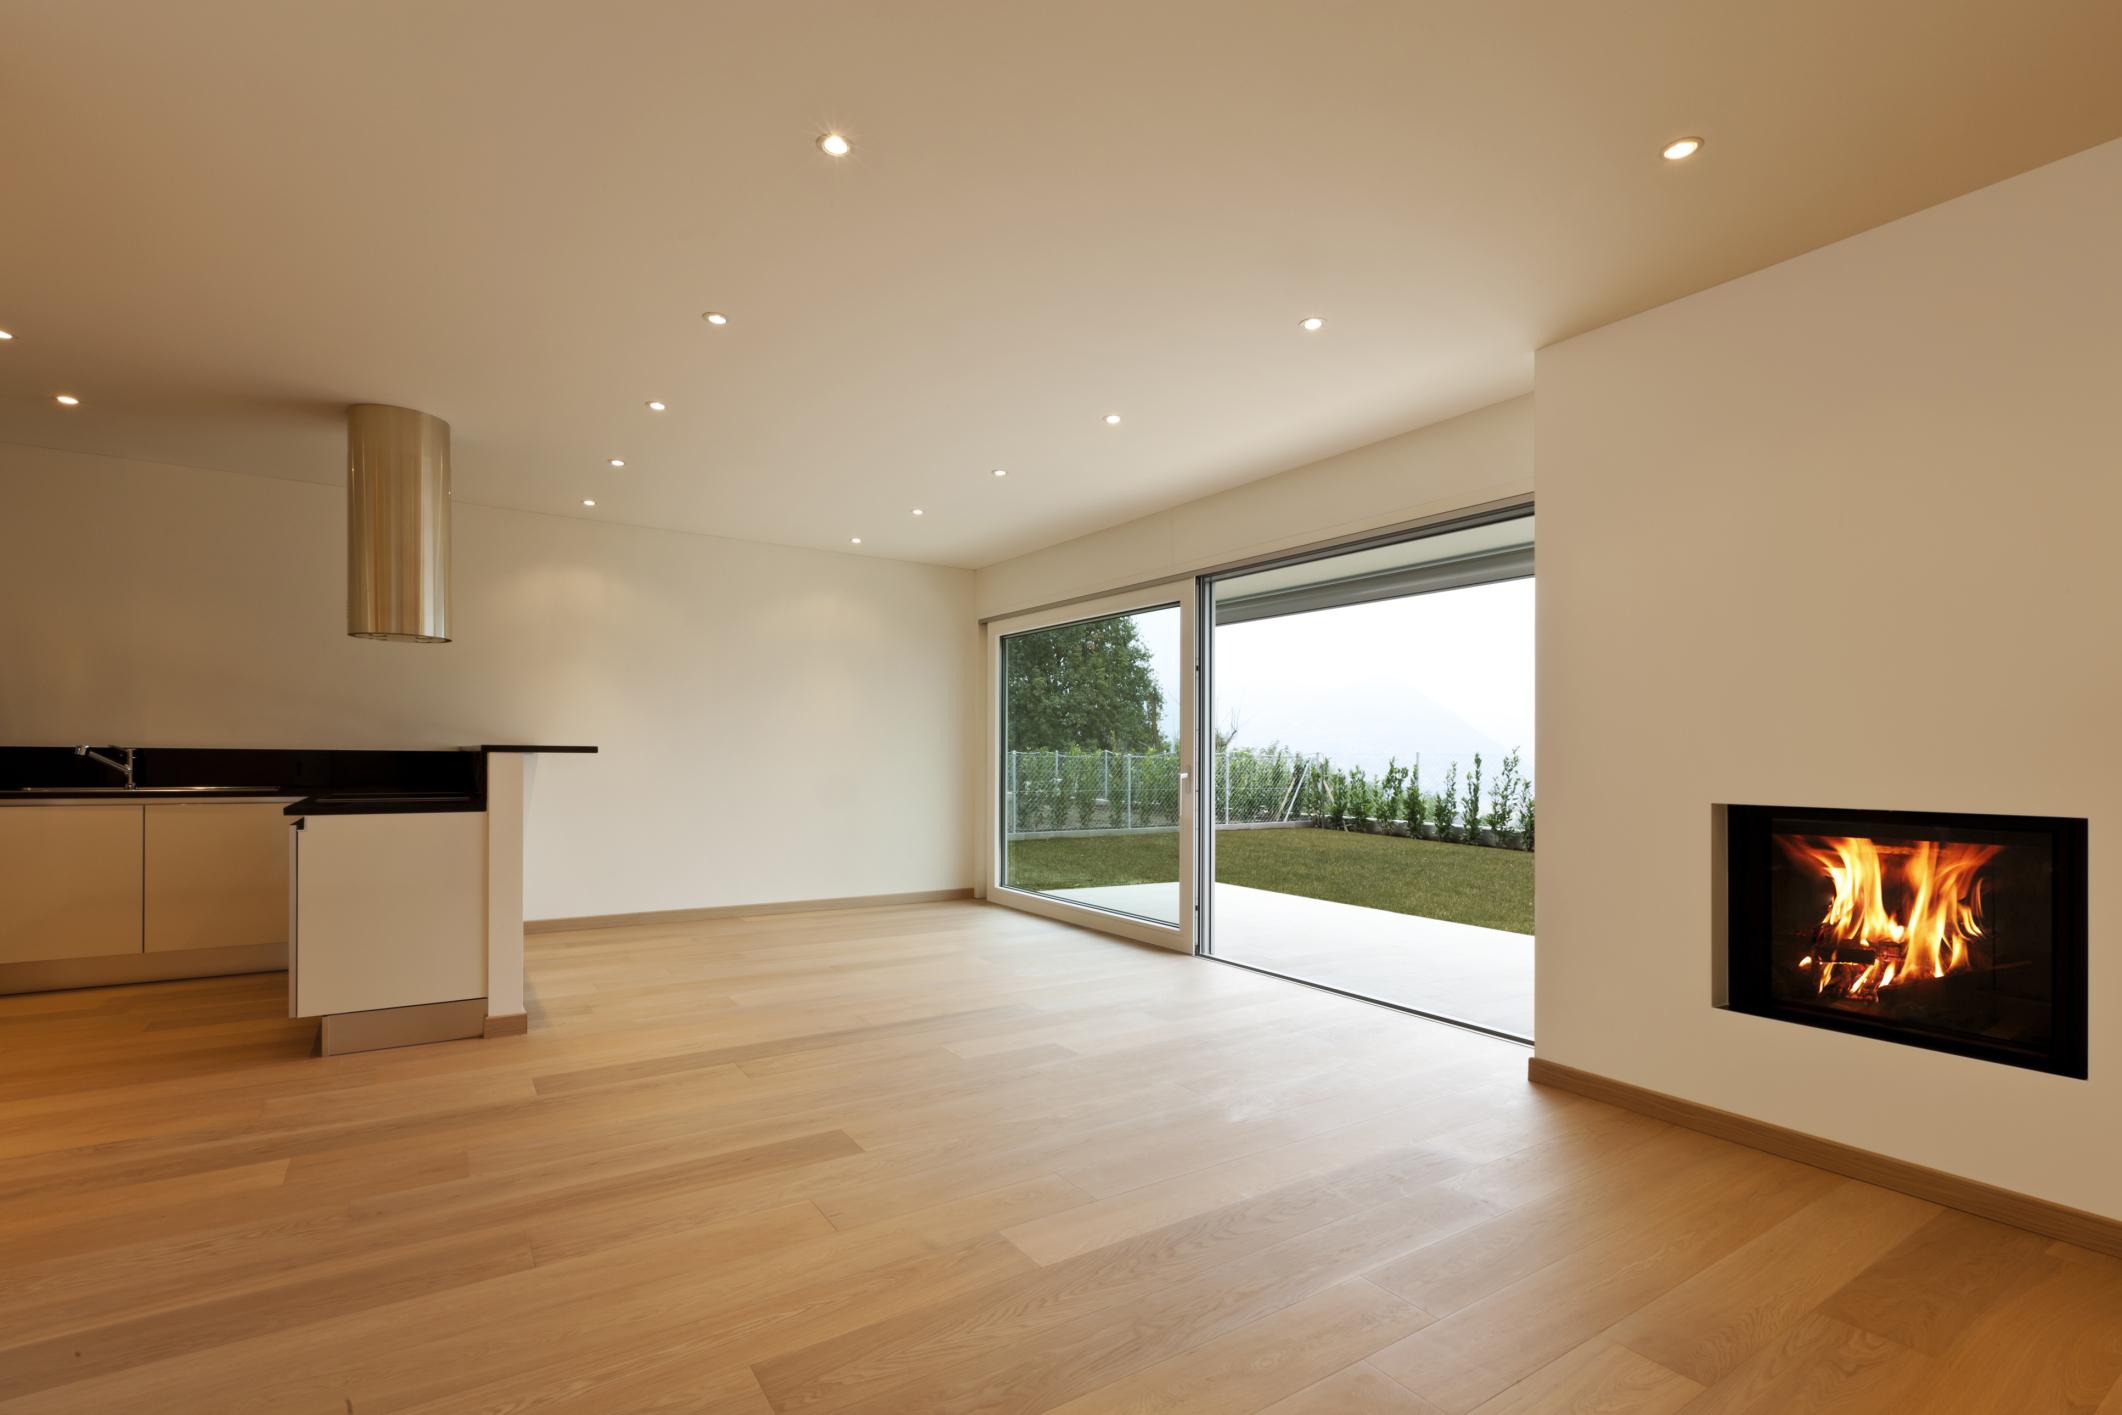 Soggiorni moderni trova l 39 ispirazione per il tuo soggiorno for Open space moderni